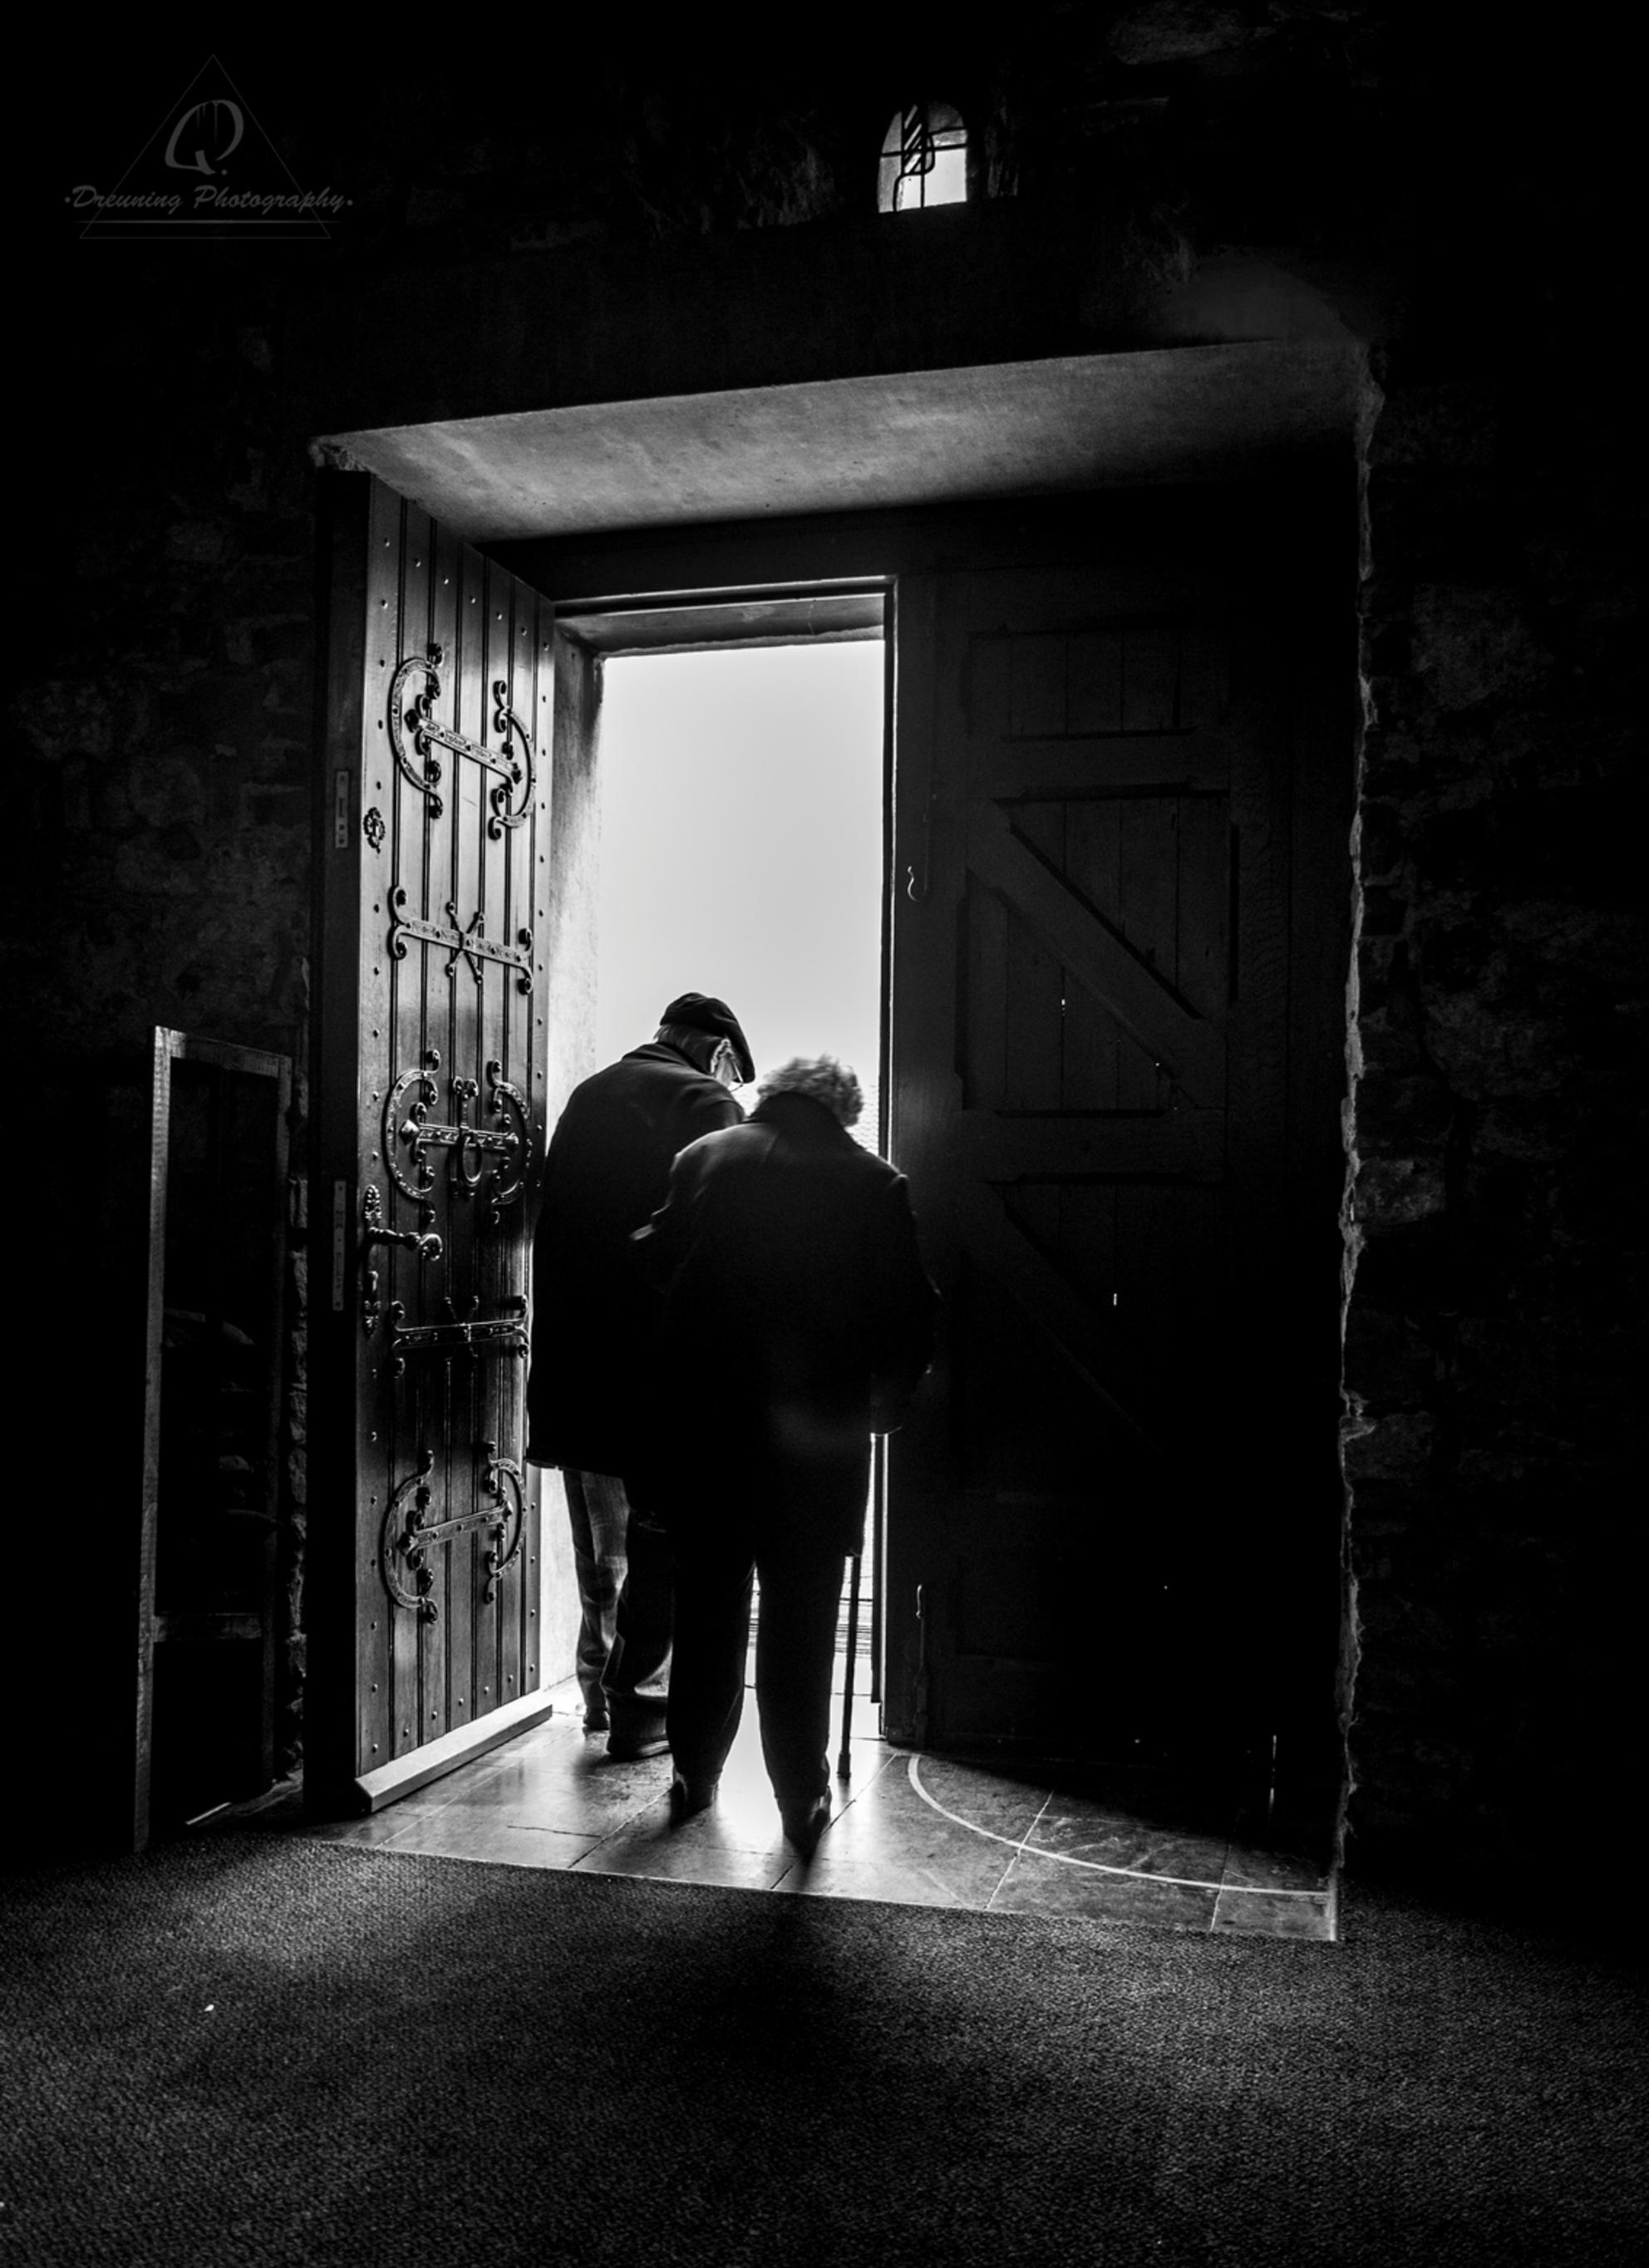 Exit through the church - Dit stel sprak opnieuw hun gelofte uit, 60 jaar getrouwd! dat moet echte liefde zijn. - foto door Pdreuning op 28-02-2015 - deze foto bevat: oud, man, vrouw, mensen, donker, schaduw, tegenlicht, daglicht, kerk, vintage, zwartwit, verlaten, retro - Deze foto mag gebruikt worden in een Zoom.nl publicatie